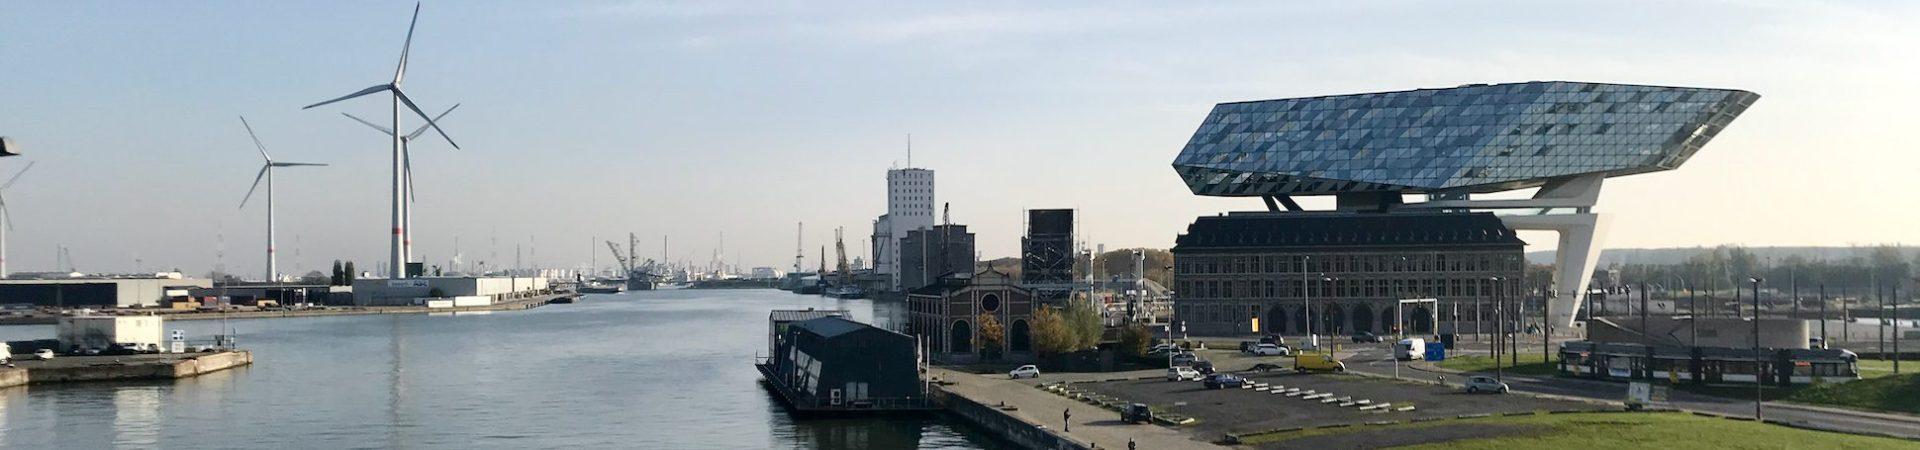 Fietsroute, fietsblog, review, Antwerpen, haven, havengebouw